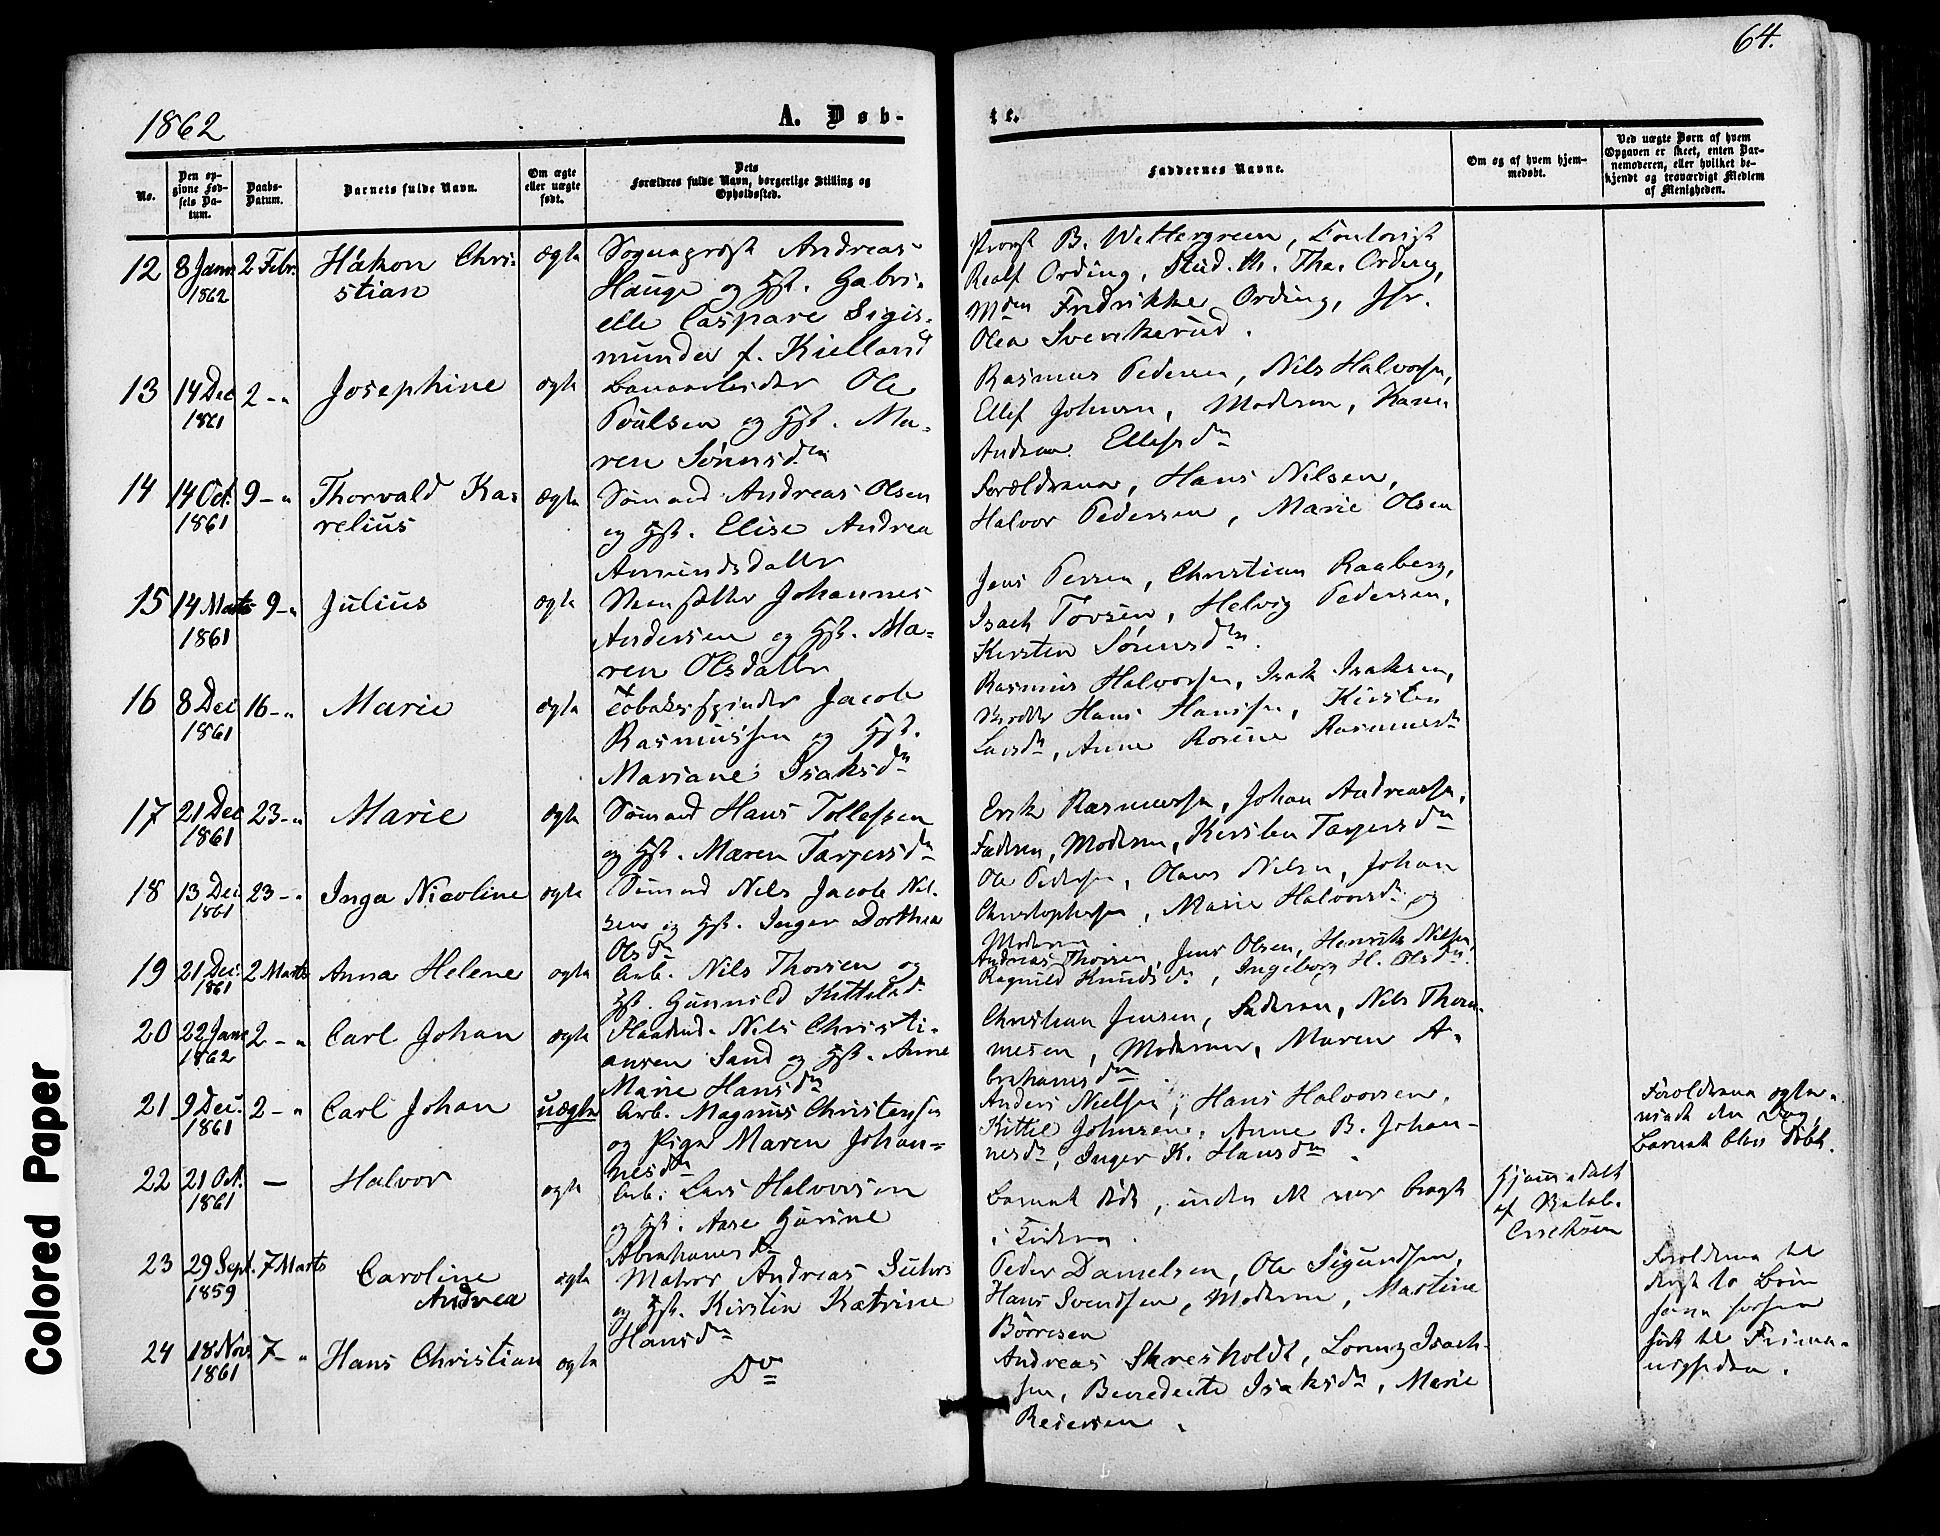 SAKO, Skien kirkebøker, F/Fa/L0007: Ministerialbok nr. 7, 1856-1865, s. 64